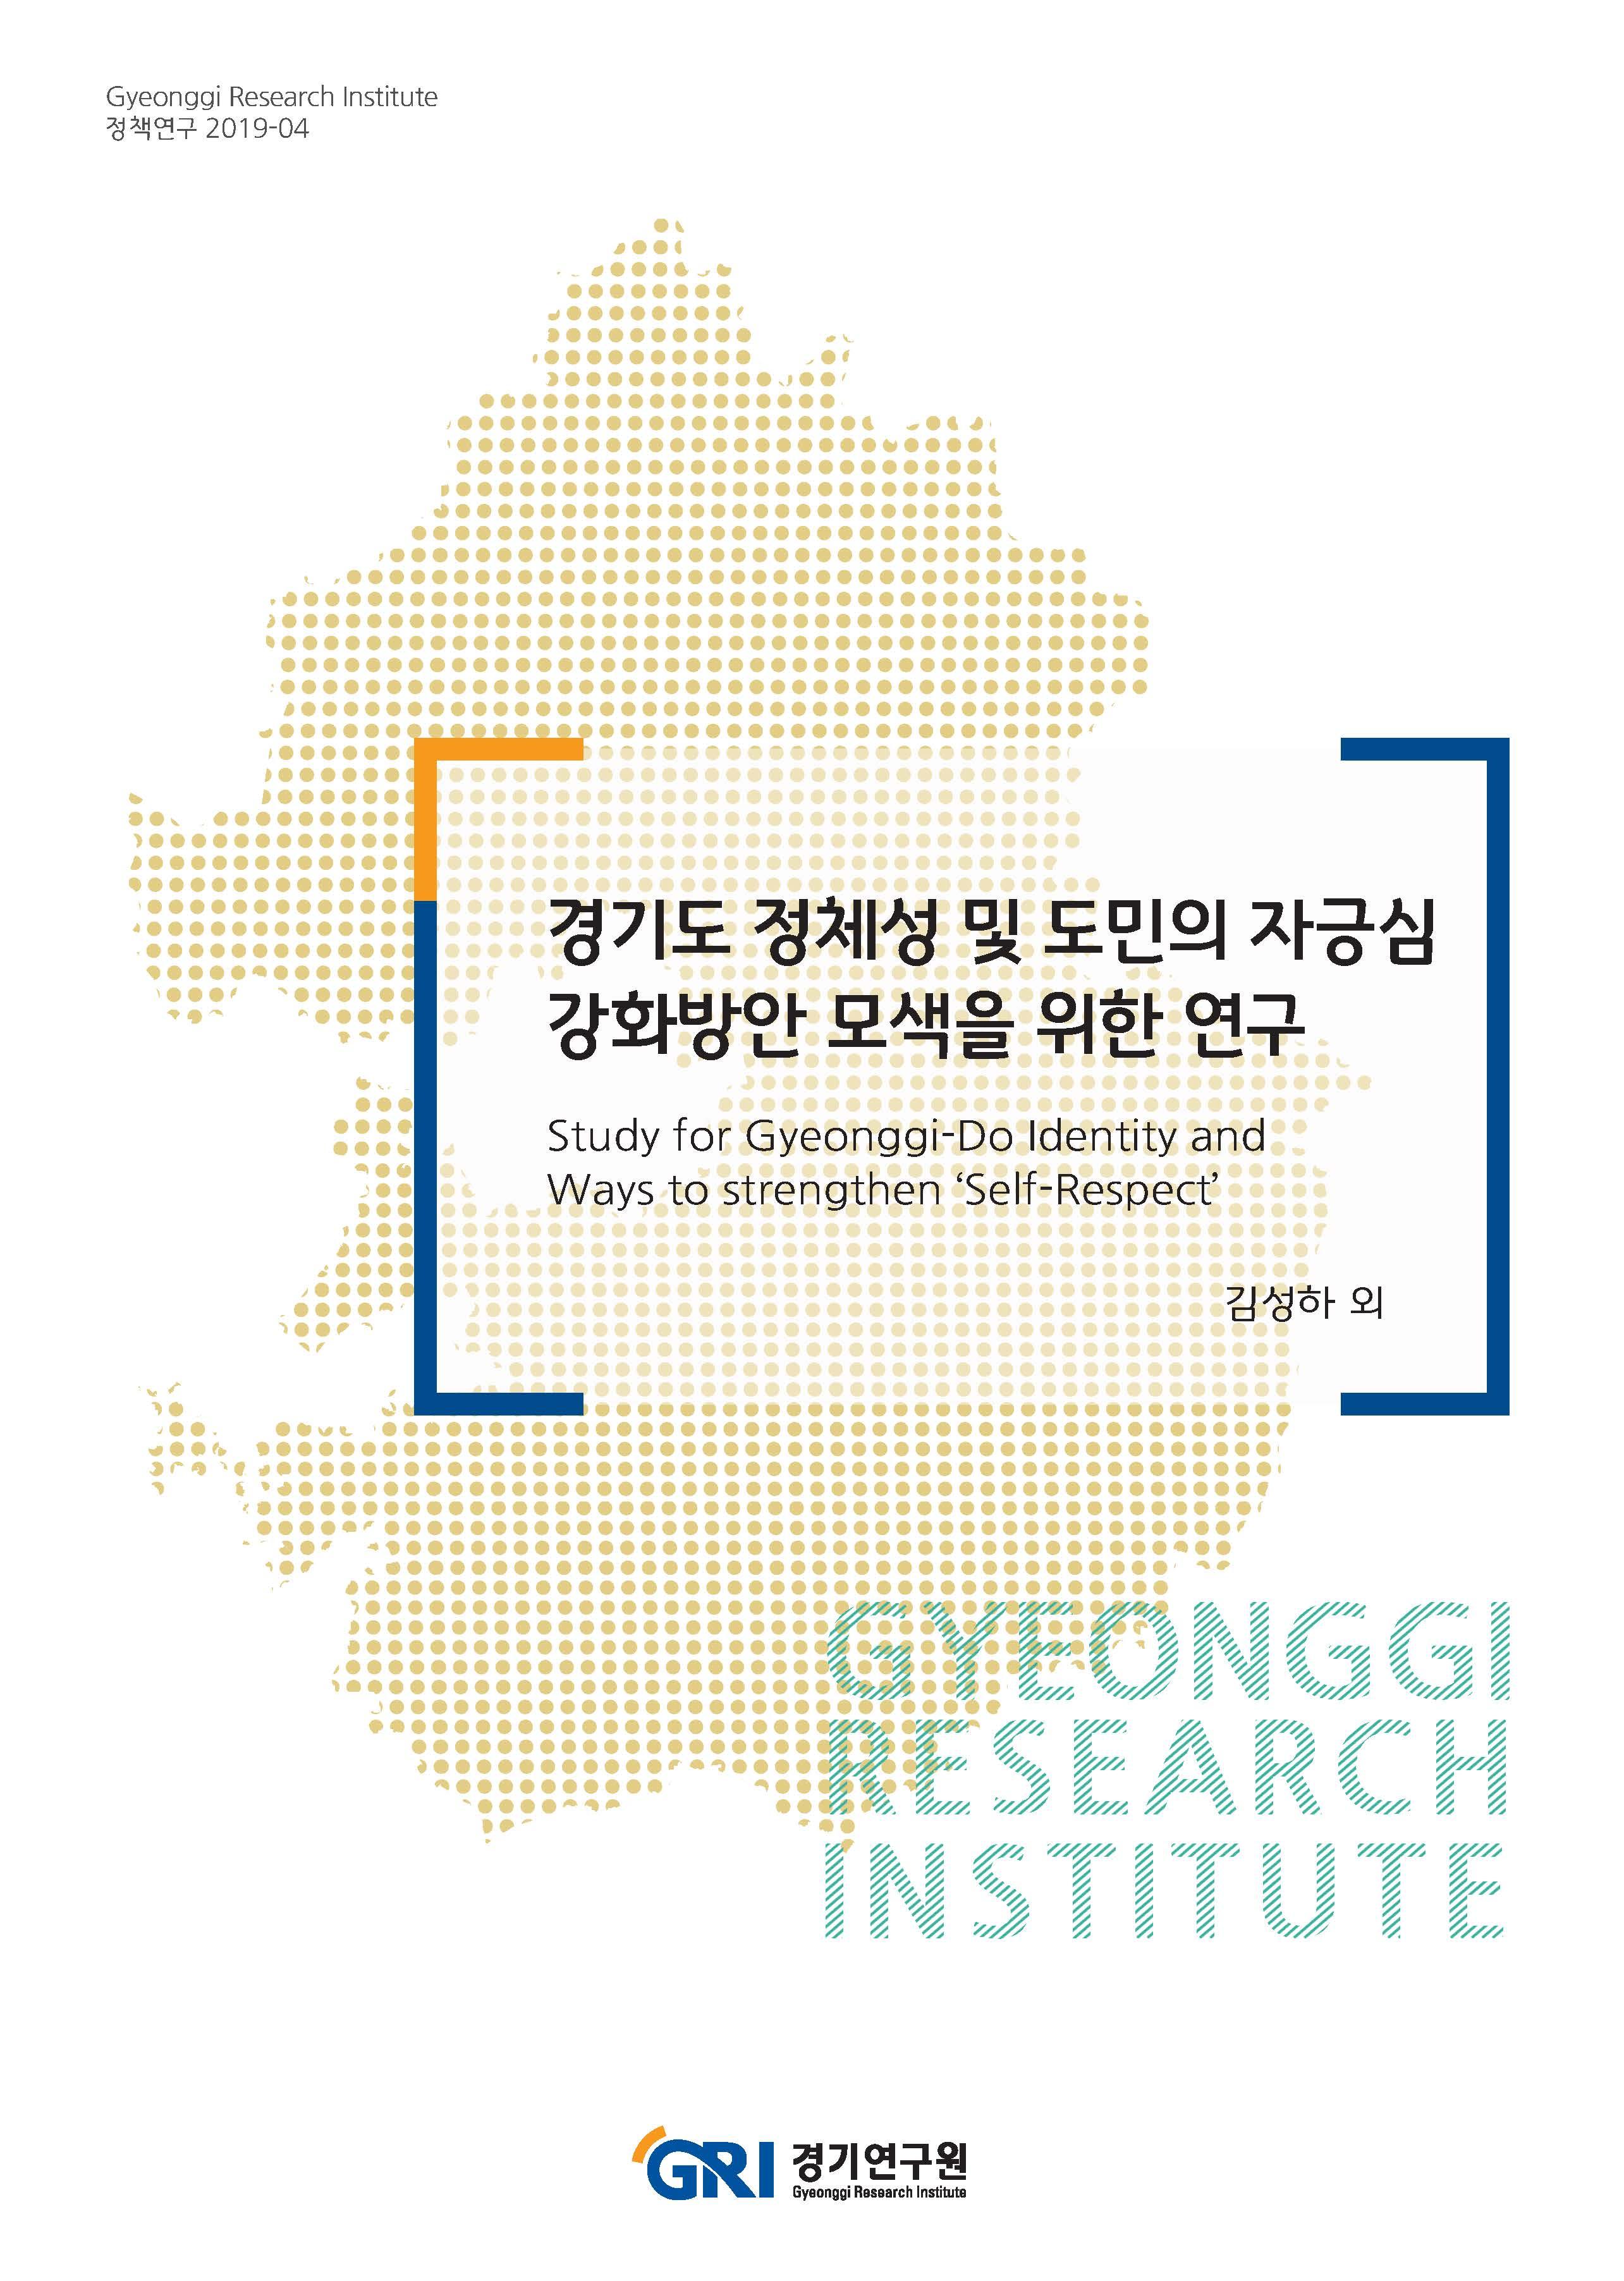 경기도 정체성 및 도민의 자긍심 강화방안 모색을 위한 연구